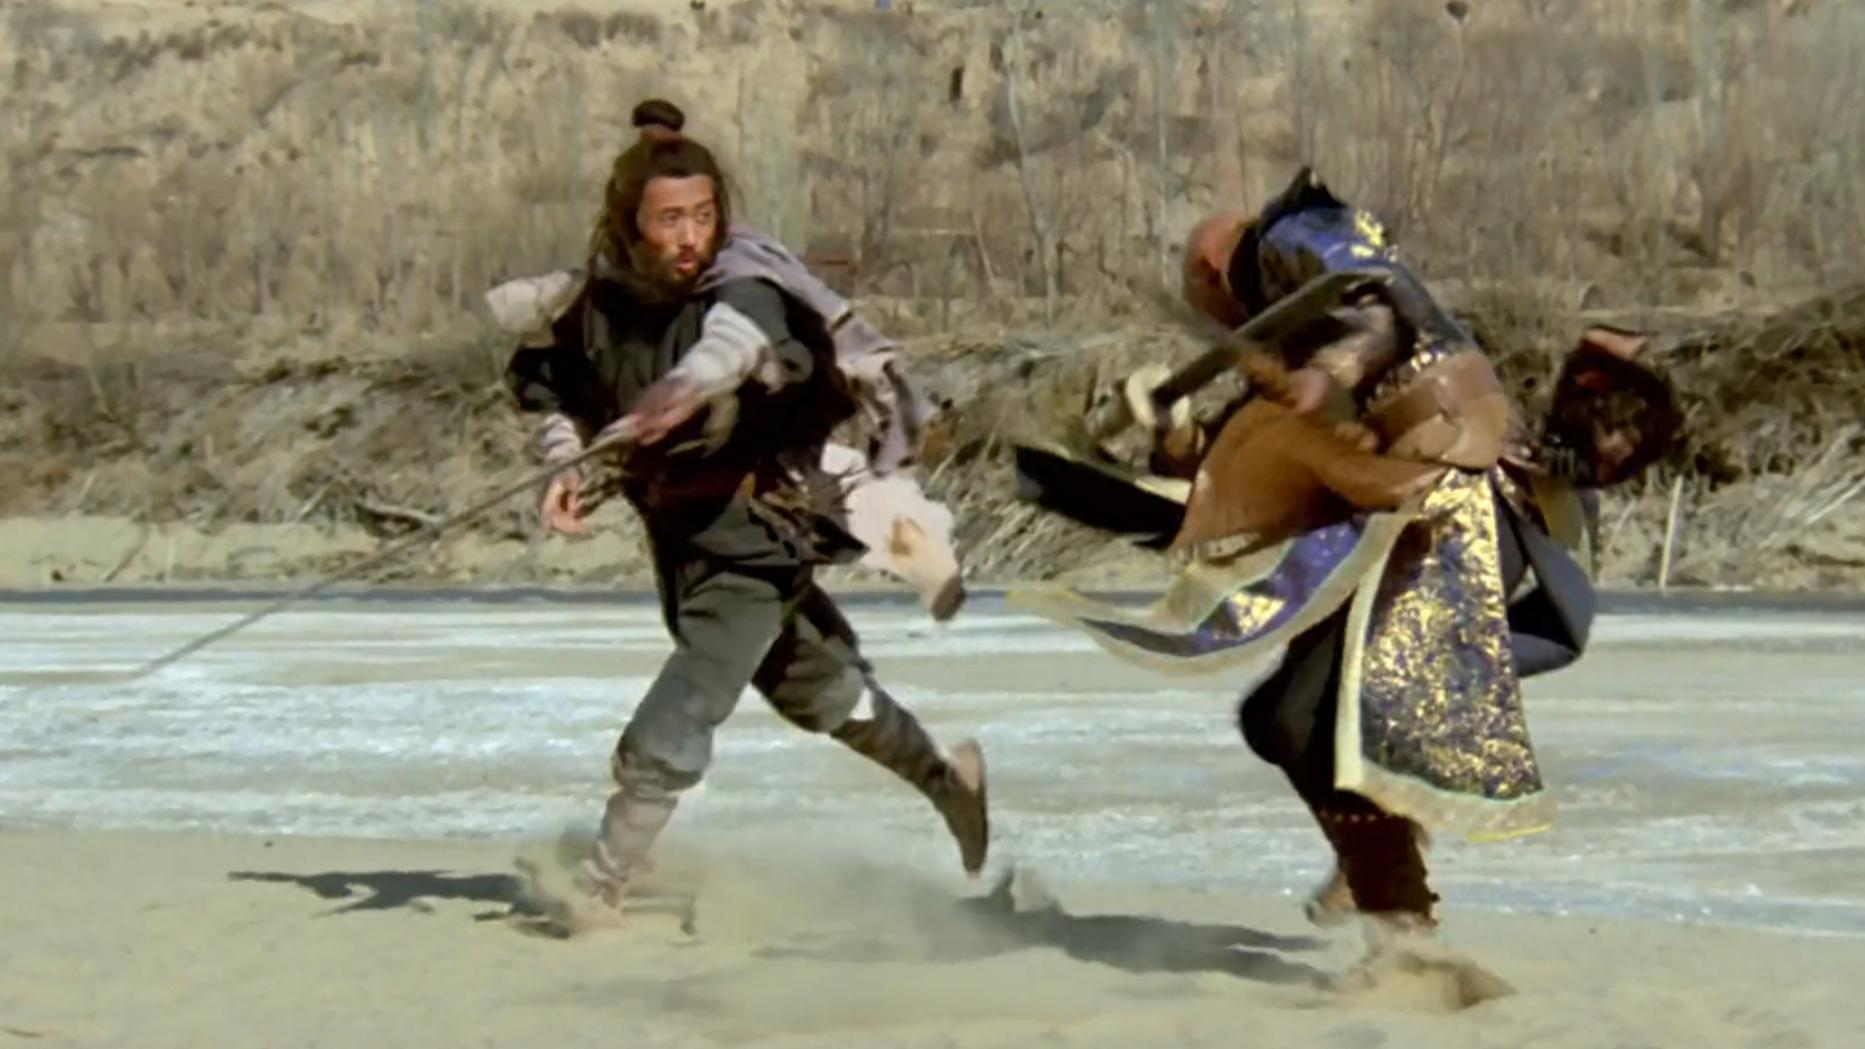 一部空前绝后的国产武侠老电影,这样独具神韵的剑法再也没有了